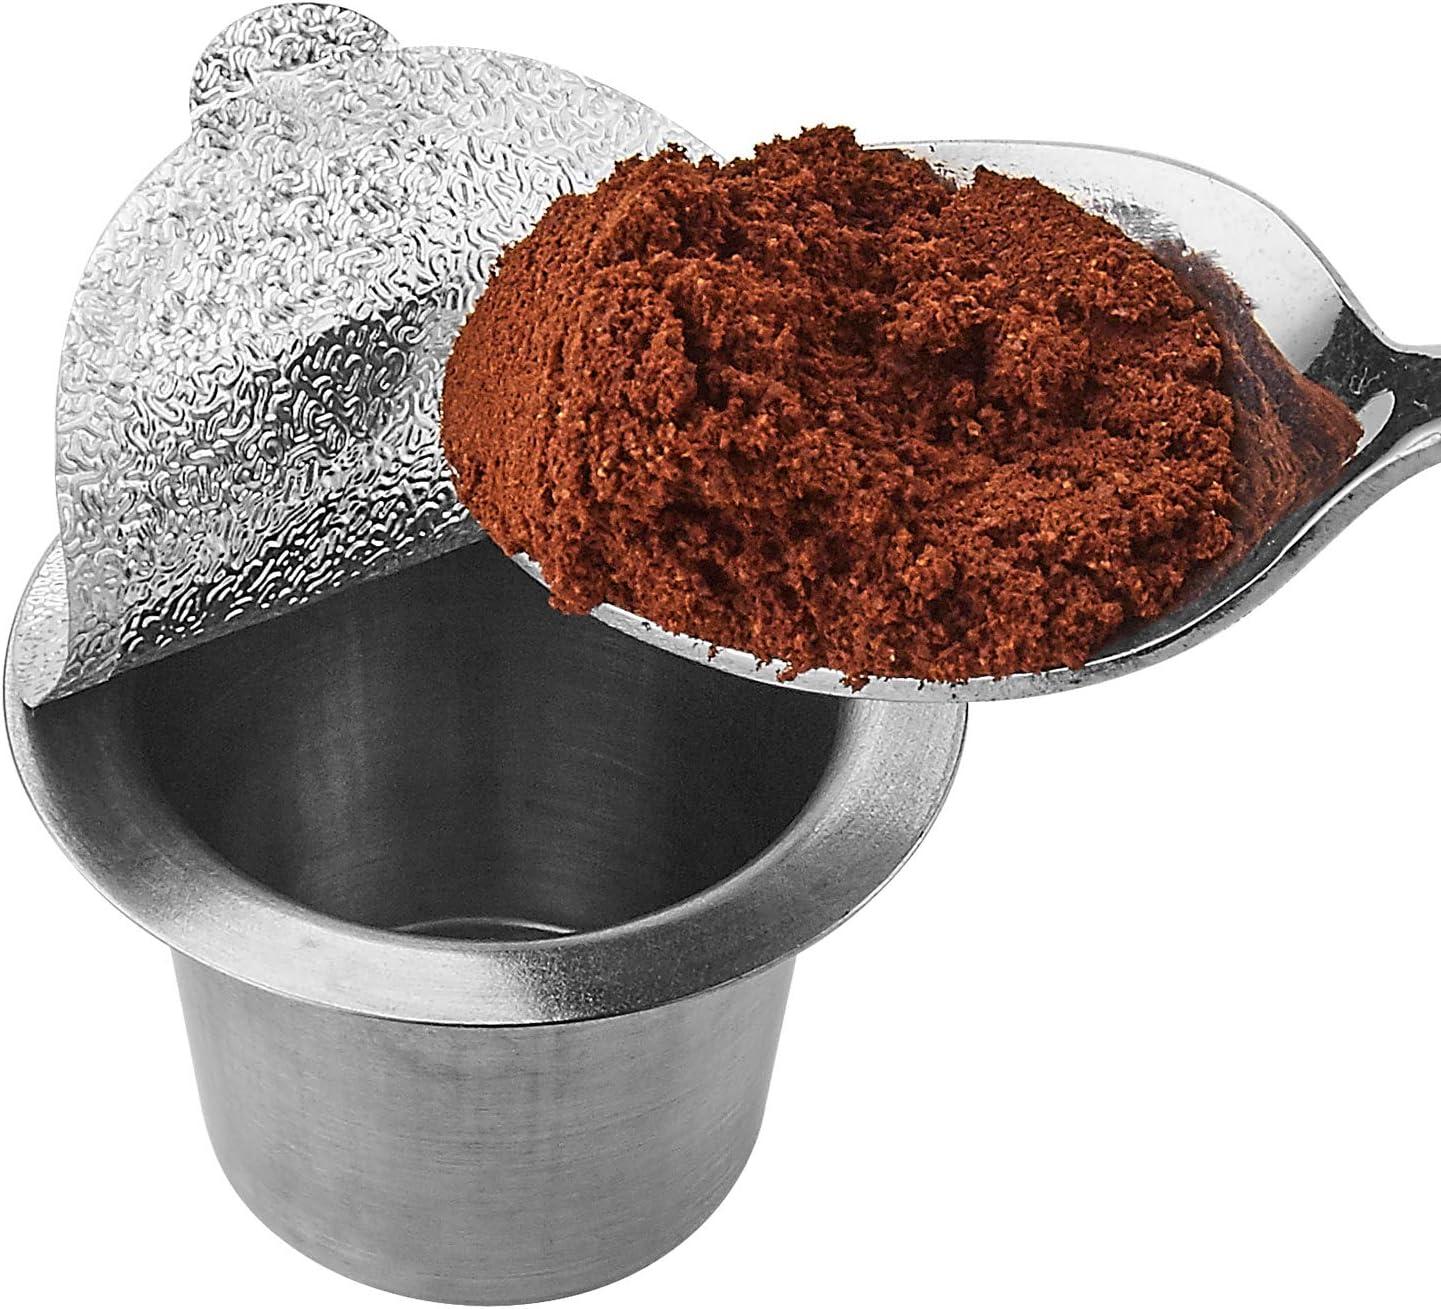 Para Cuisinart todas las cafeteras Reemplazo del filtro de caf/é Paquete de 12 filtros de agua compatibles para filtros universales